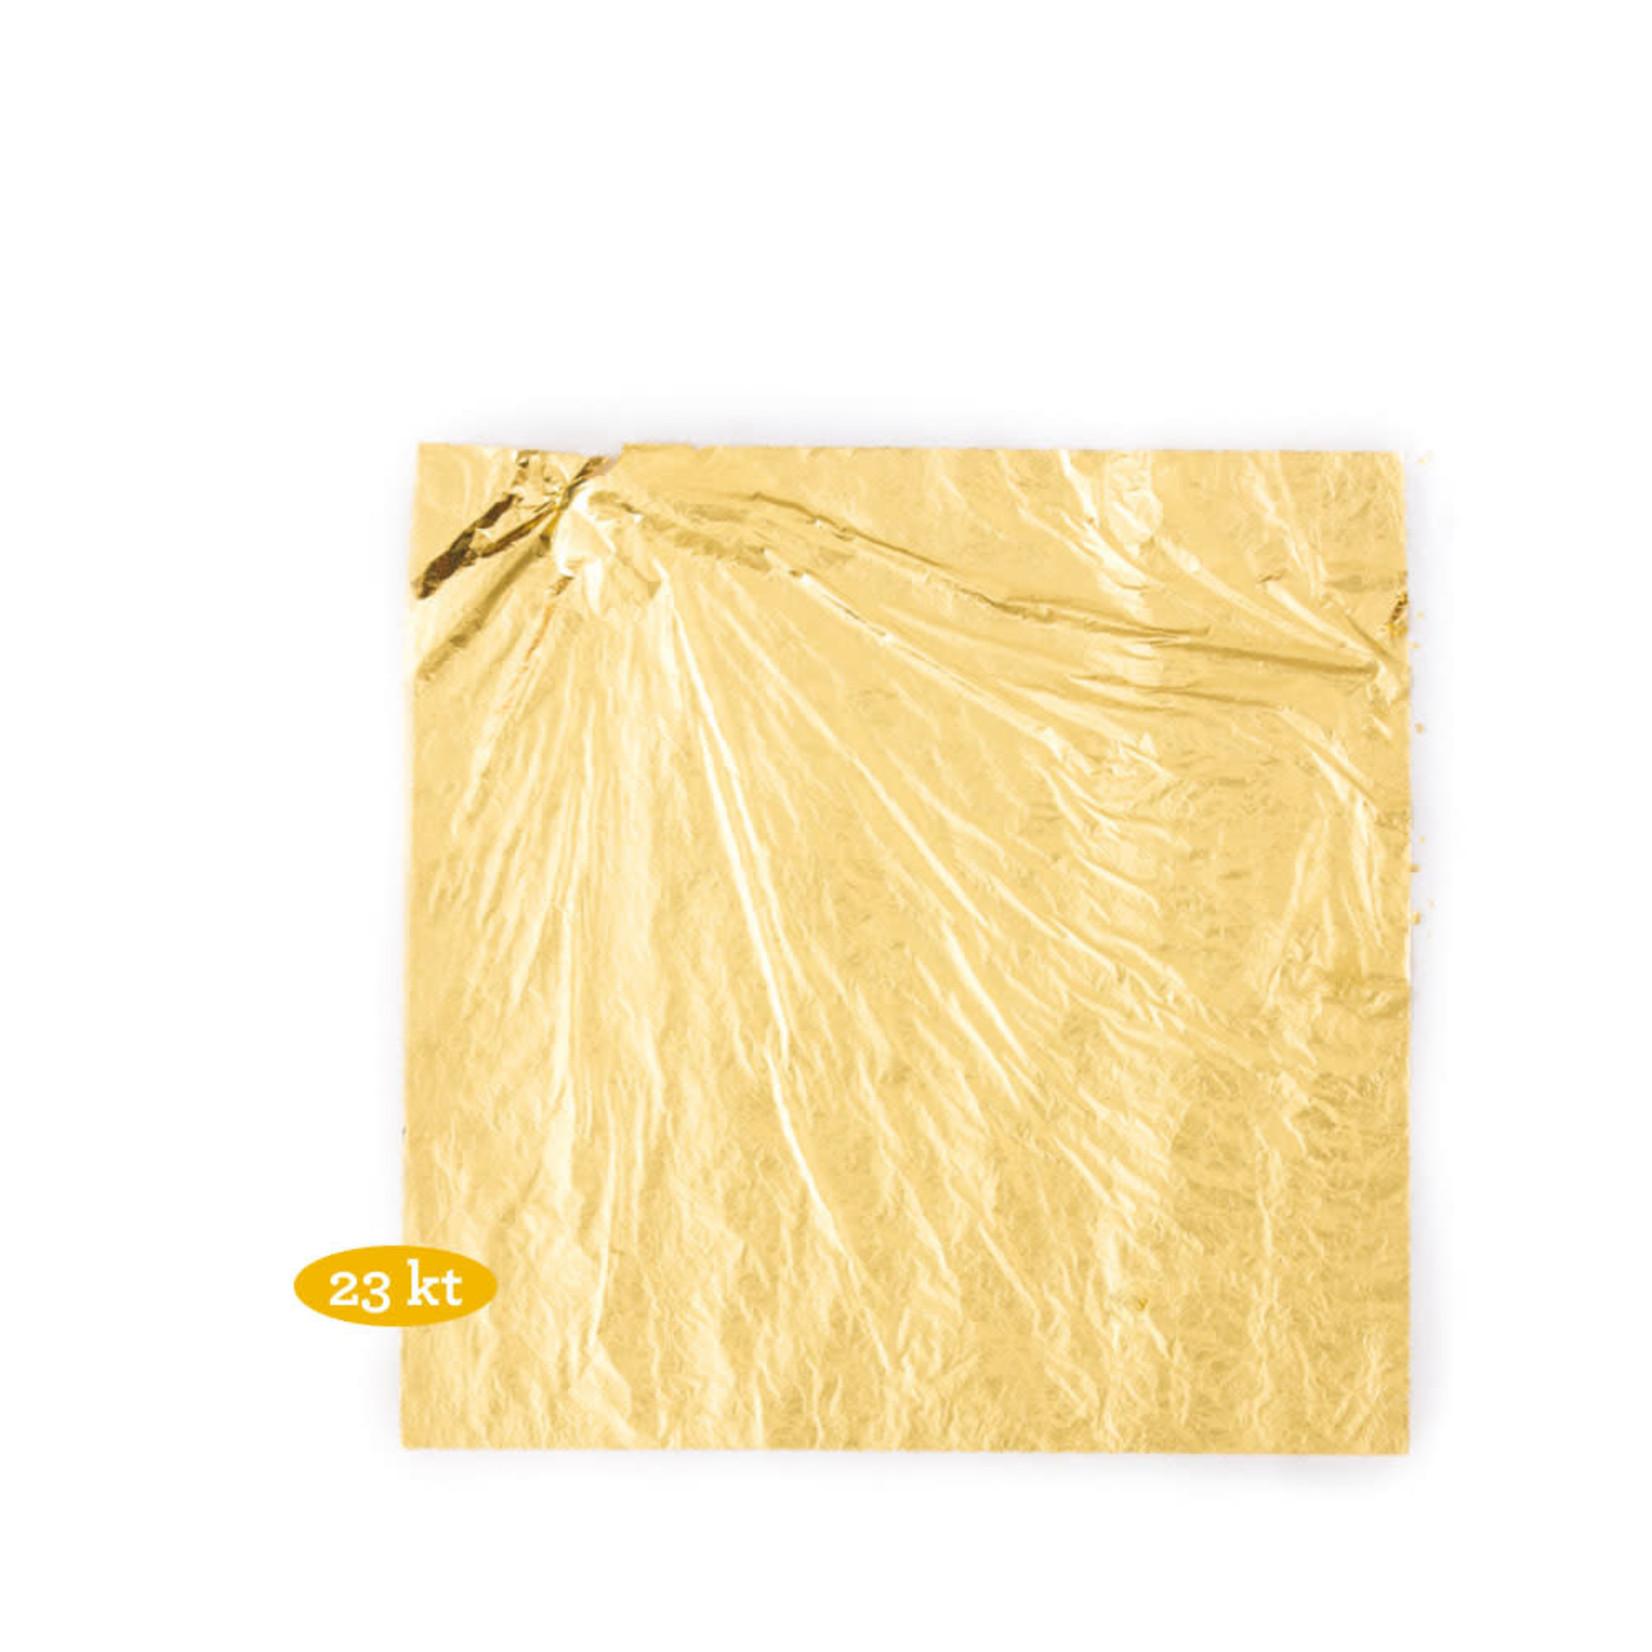 Decora eetbaar bladgoud, vijf velletjes van 8,6x8,6cm